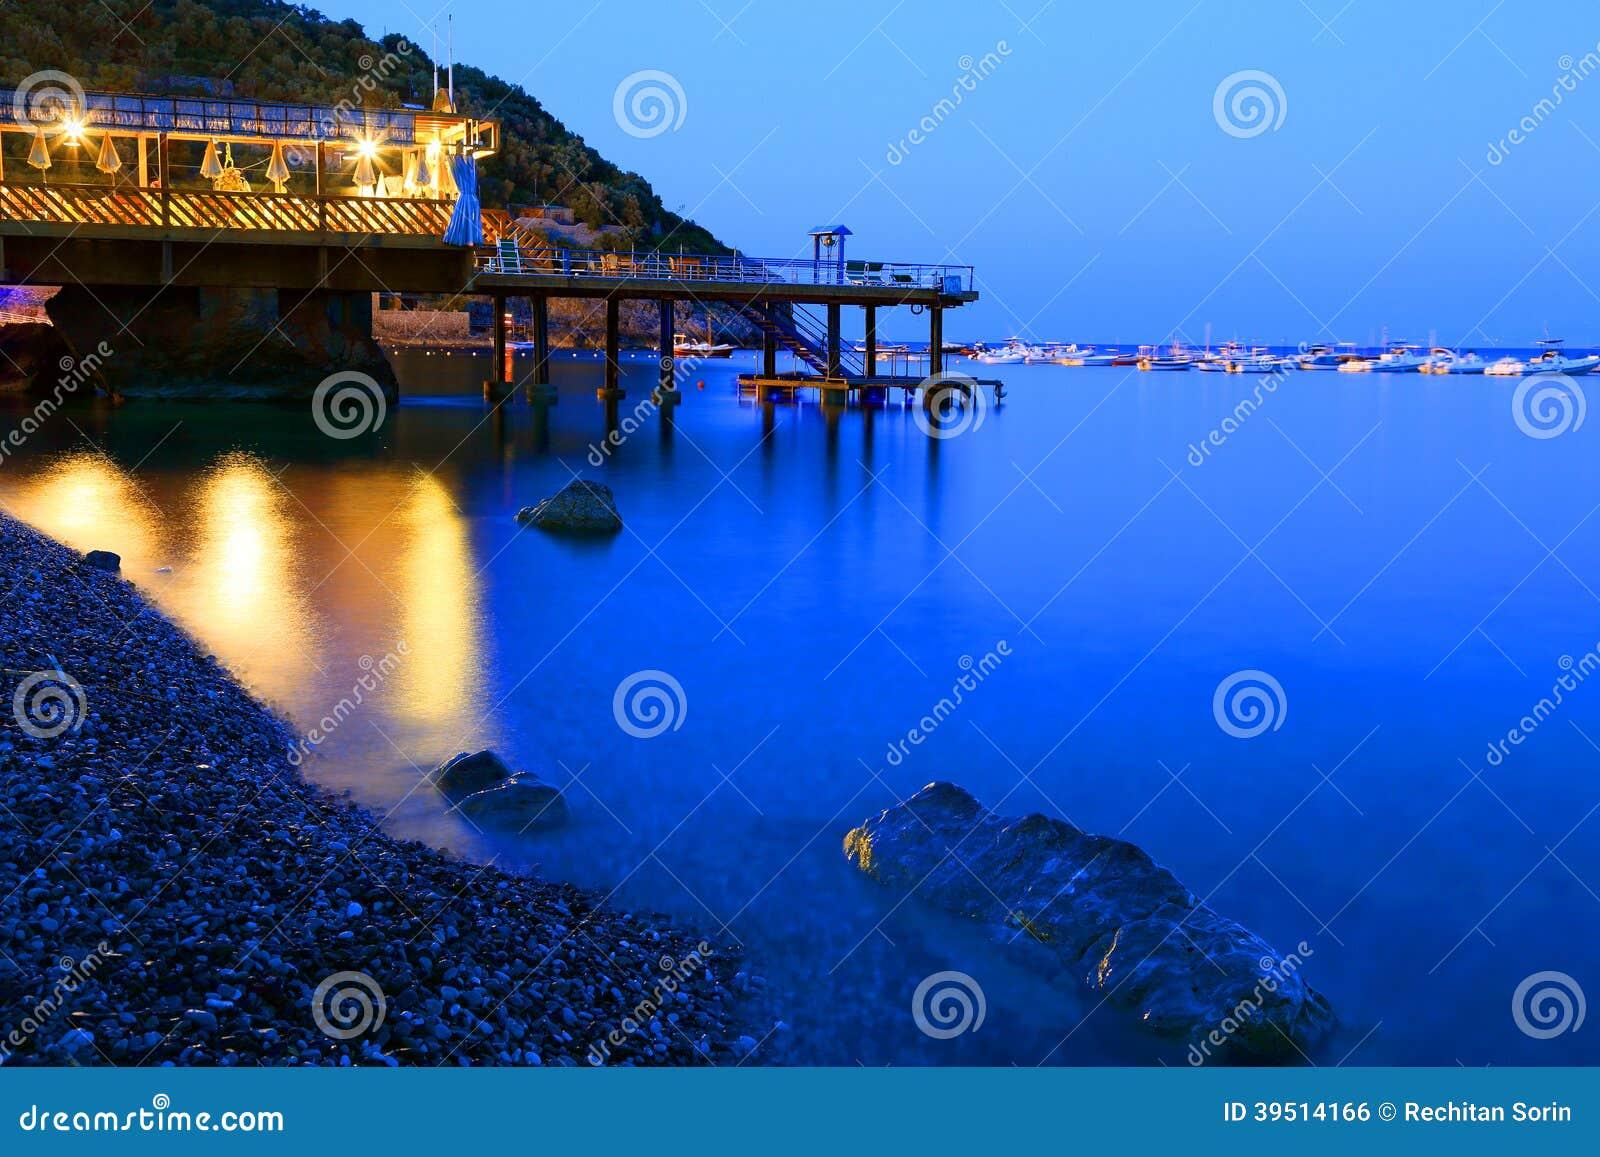 Amalfi Coast, Italy, Europe